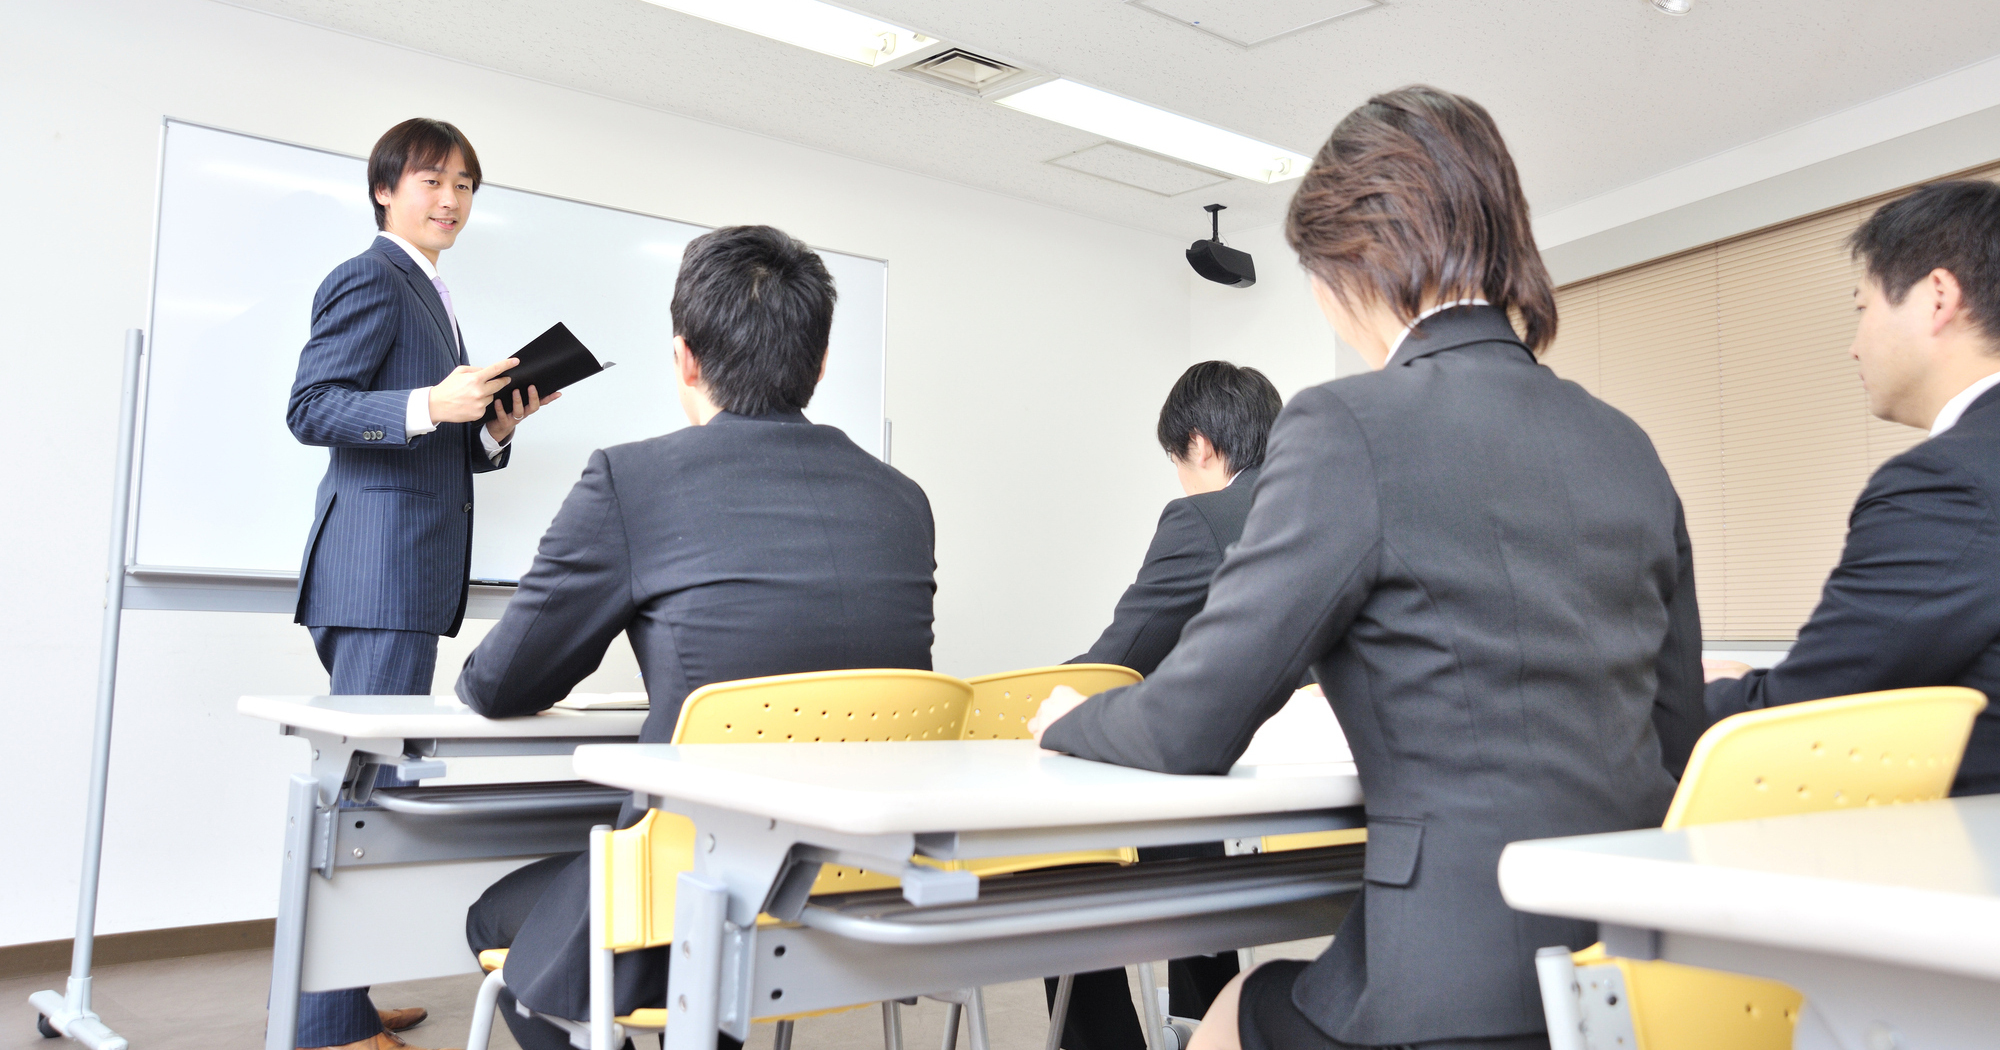 なぜソフトバンクの社内講師は自信をもって教えることができるのか